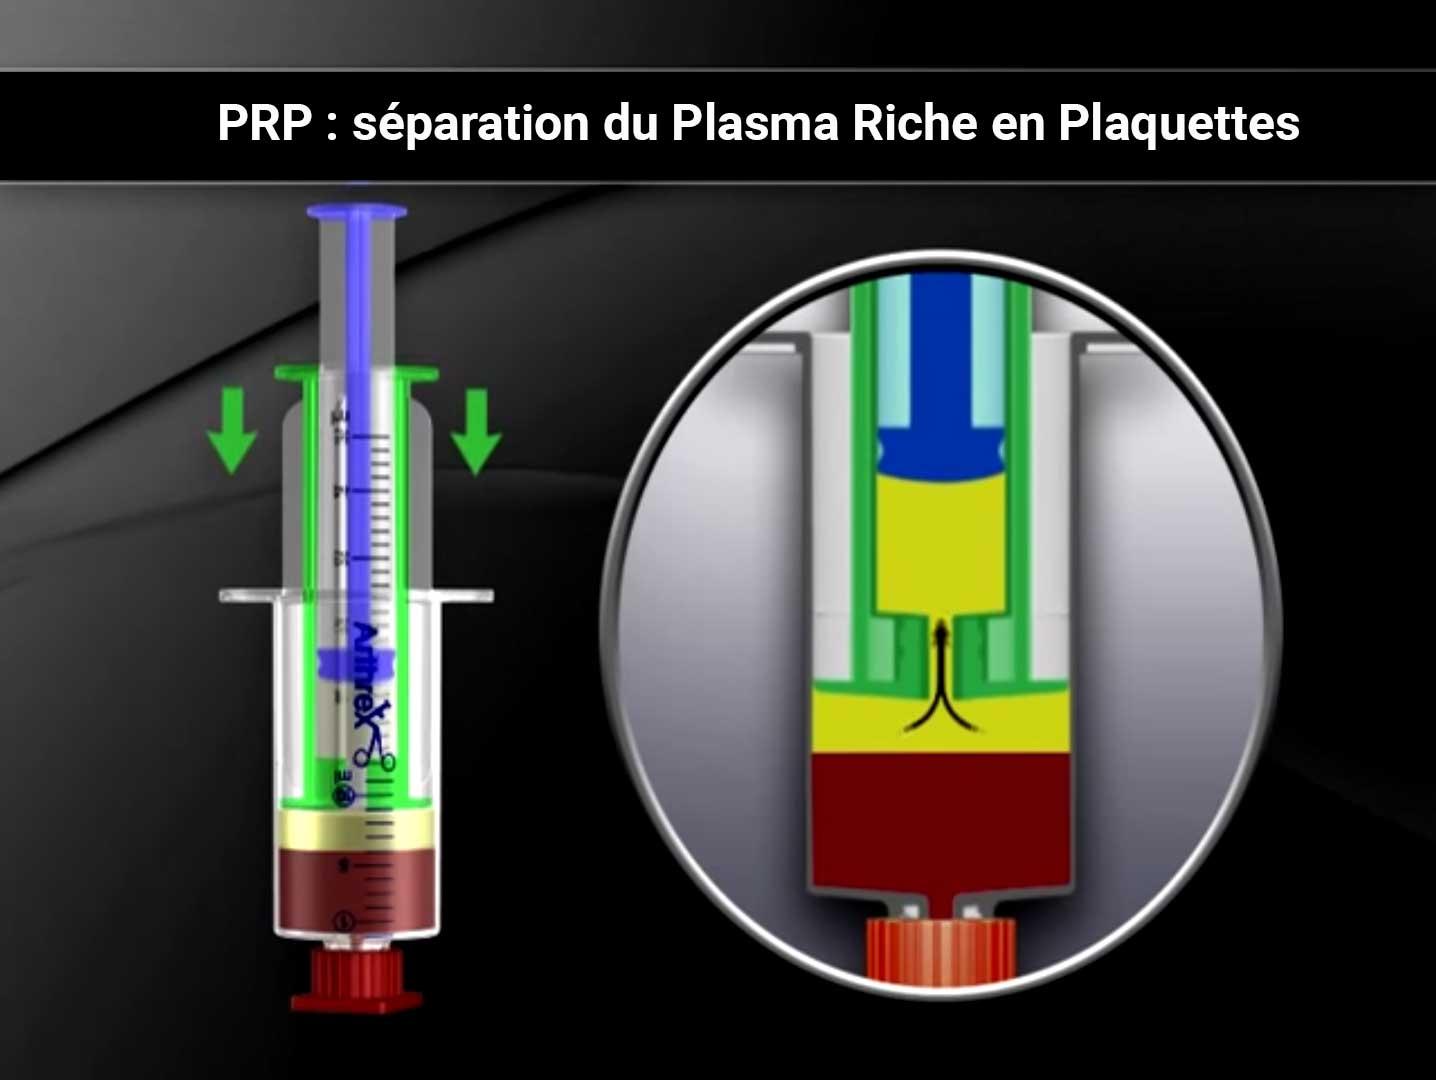 'injections de Plasma Riche en Plaquettes